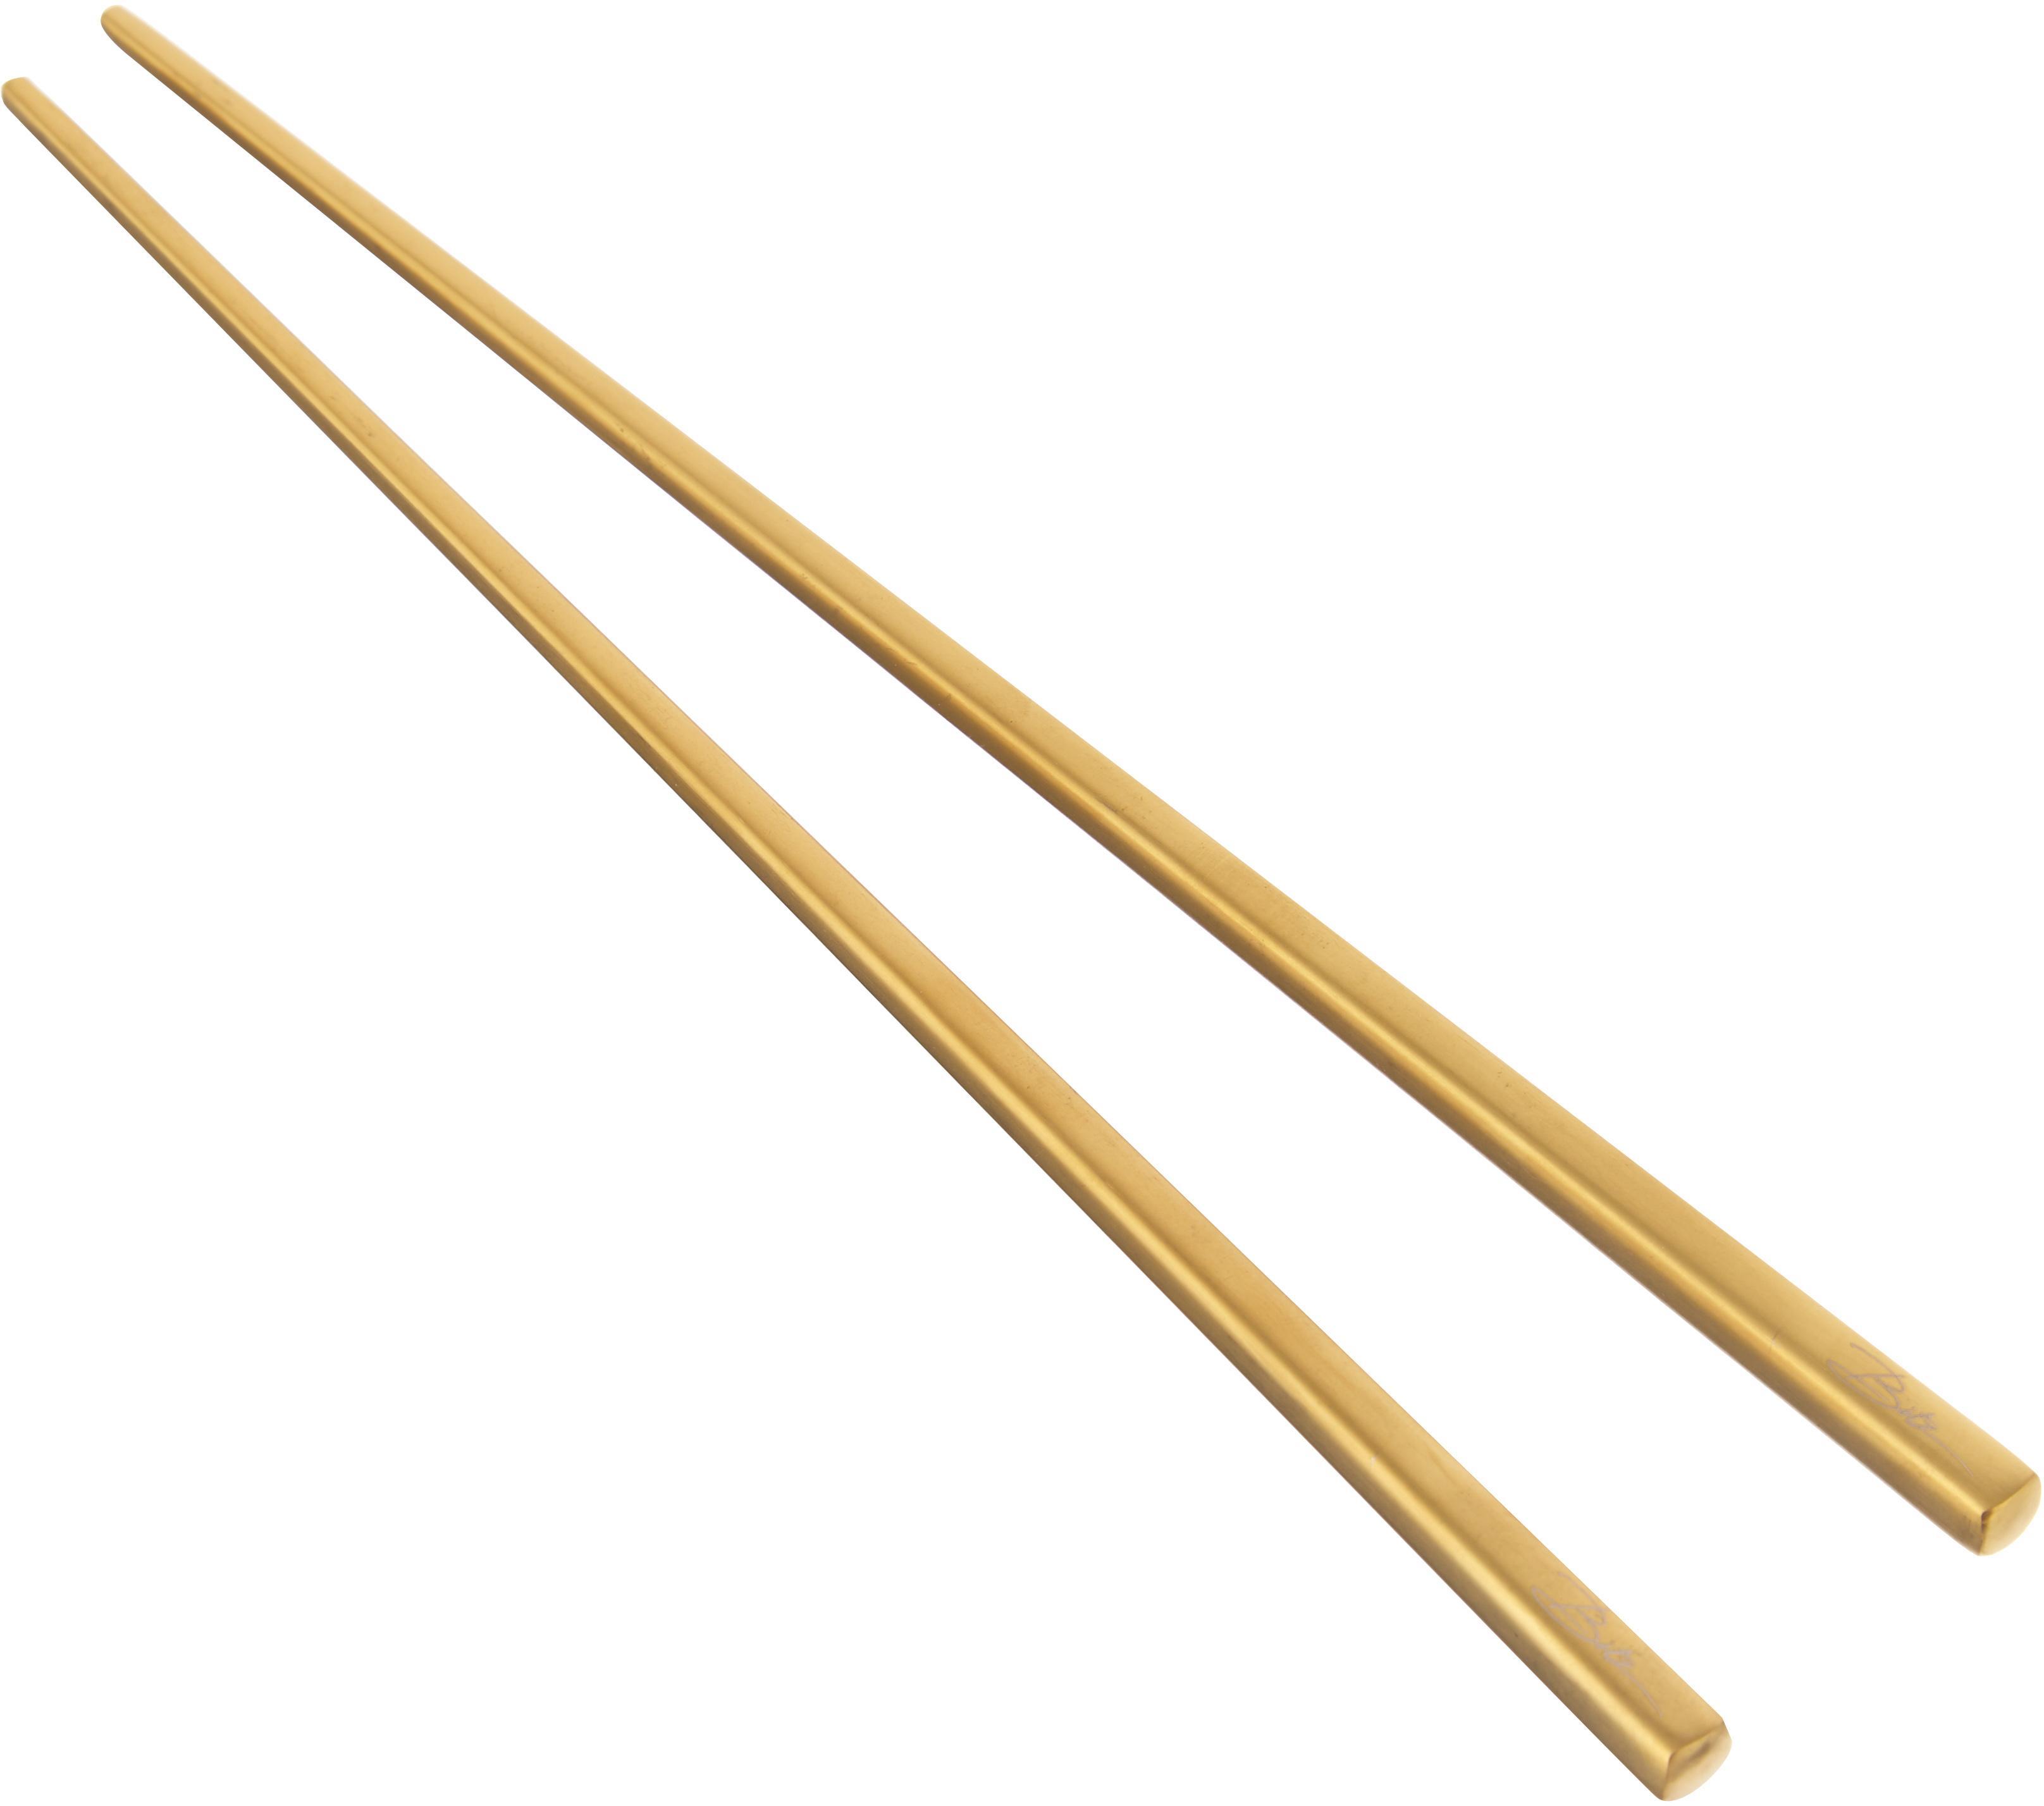 Goldfarbene Essstäbchen Chop mit Ablagen, 2 Paar, Ablage: Steingut, glasiert, Goldfarben, Schwarz, L 26 cm